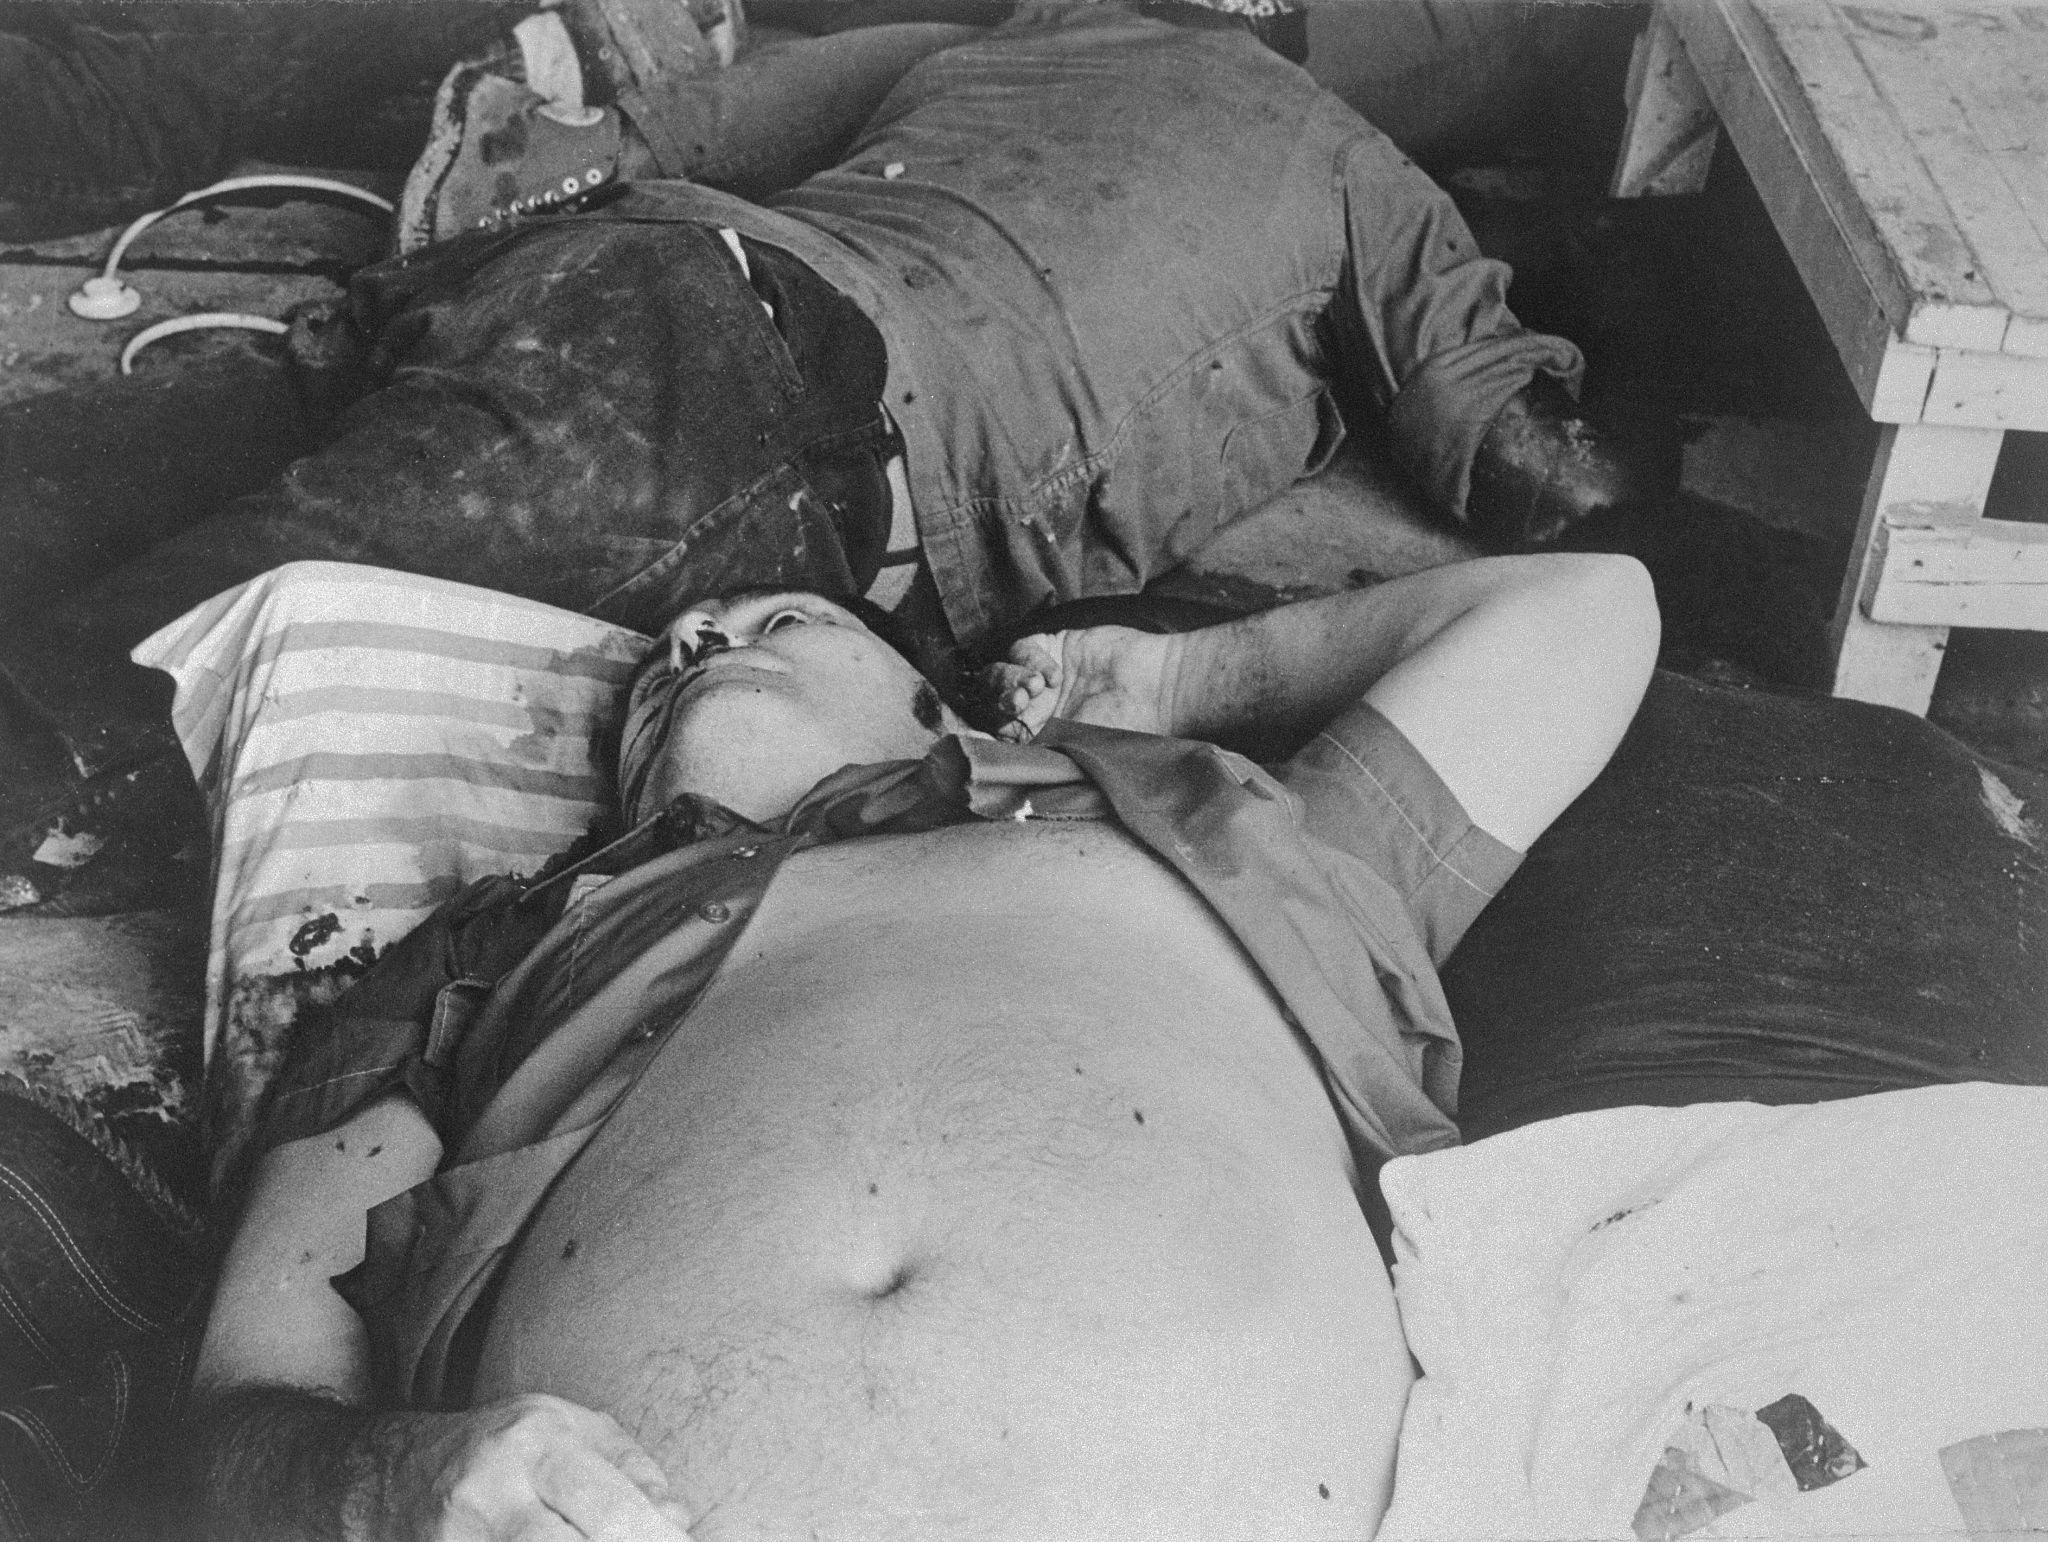 1978. Преподобный Джим Джонс, лидер Народного культа храма, застрелен в своем сельскохозяйственном убежище.jpg